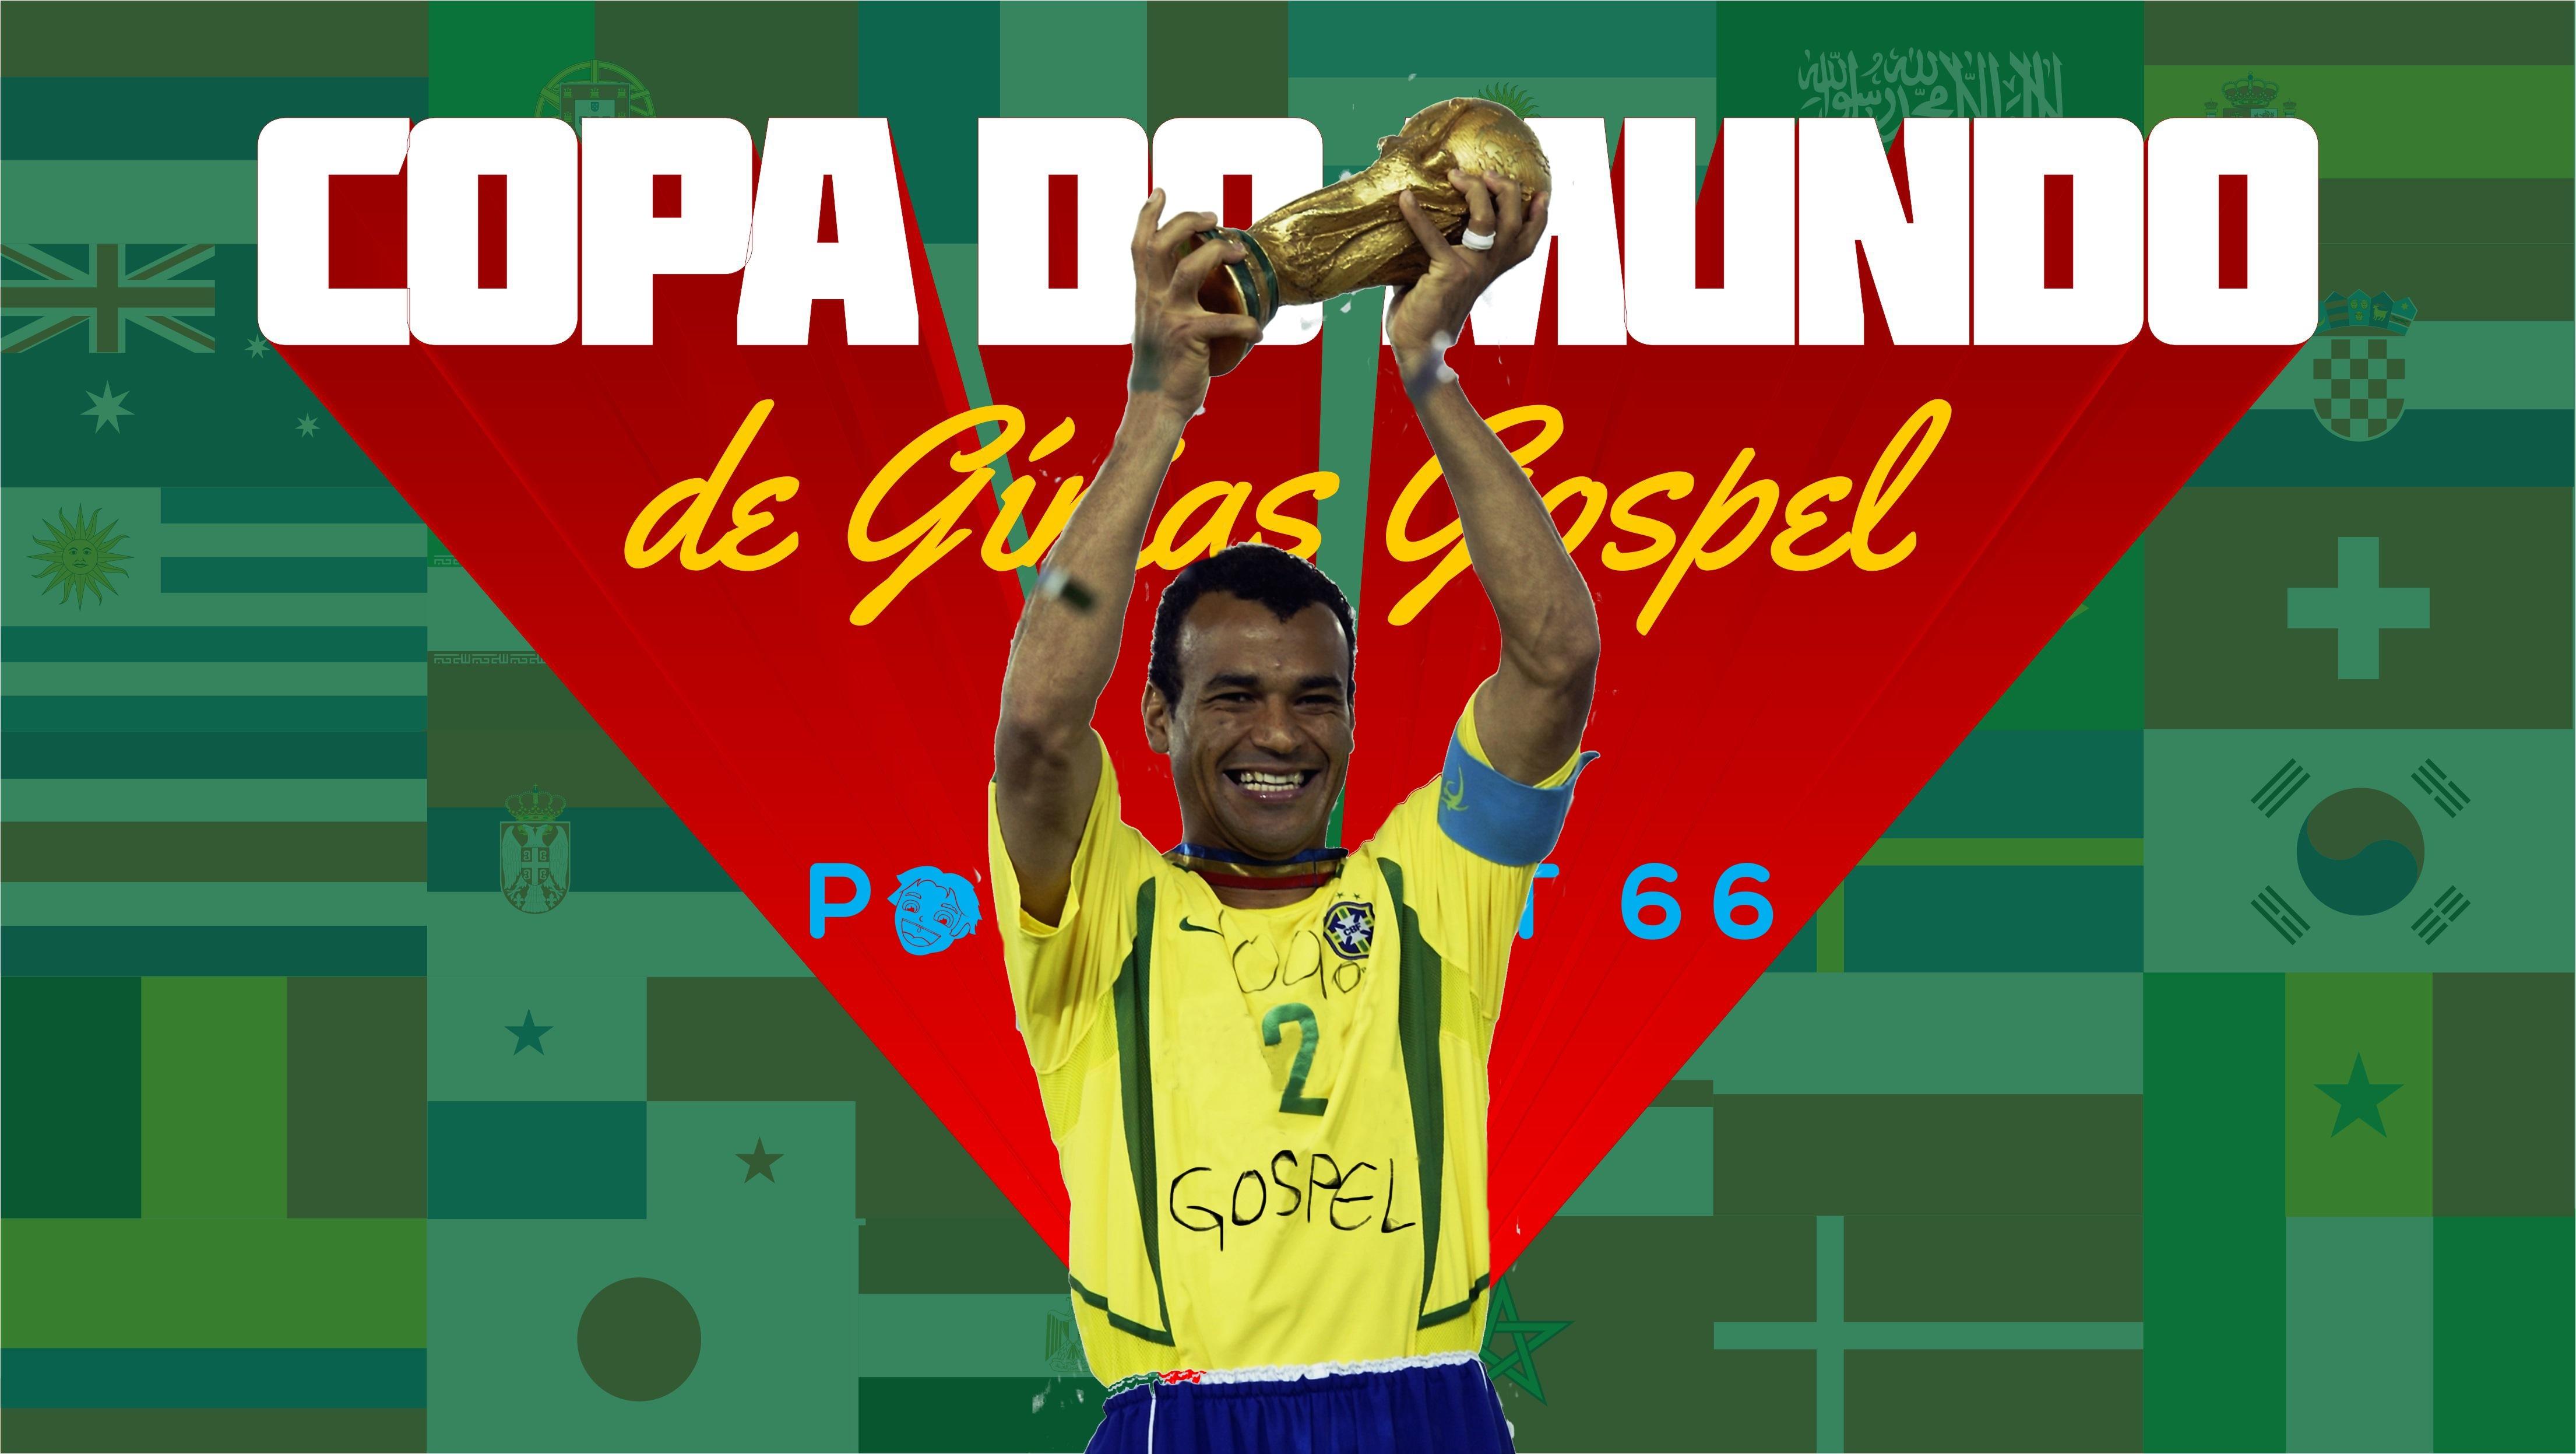 Podcrent 66 Copa do Mundo de Girias Gospel